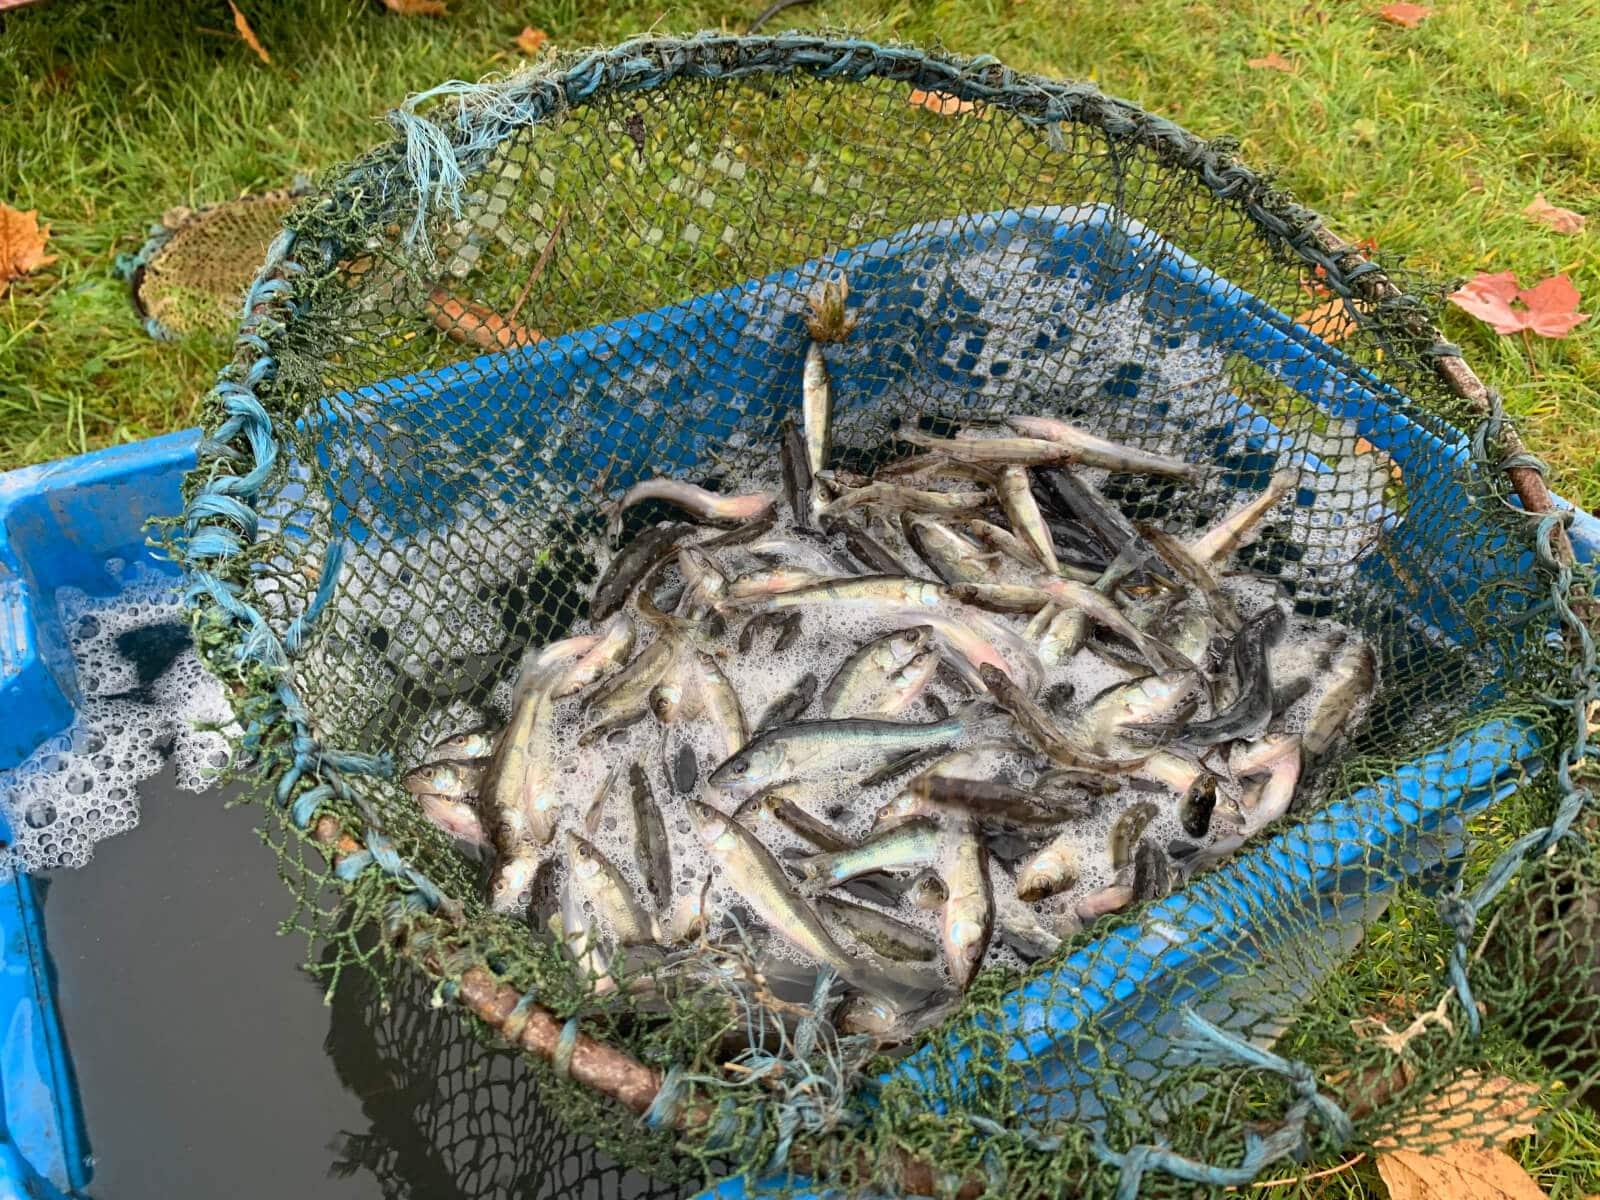 """Noslēdzies projekts """"Zivju resursu aizsardzības pasākumi Smiltenes novadā 2019.gadā"""""""